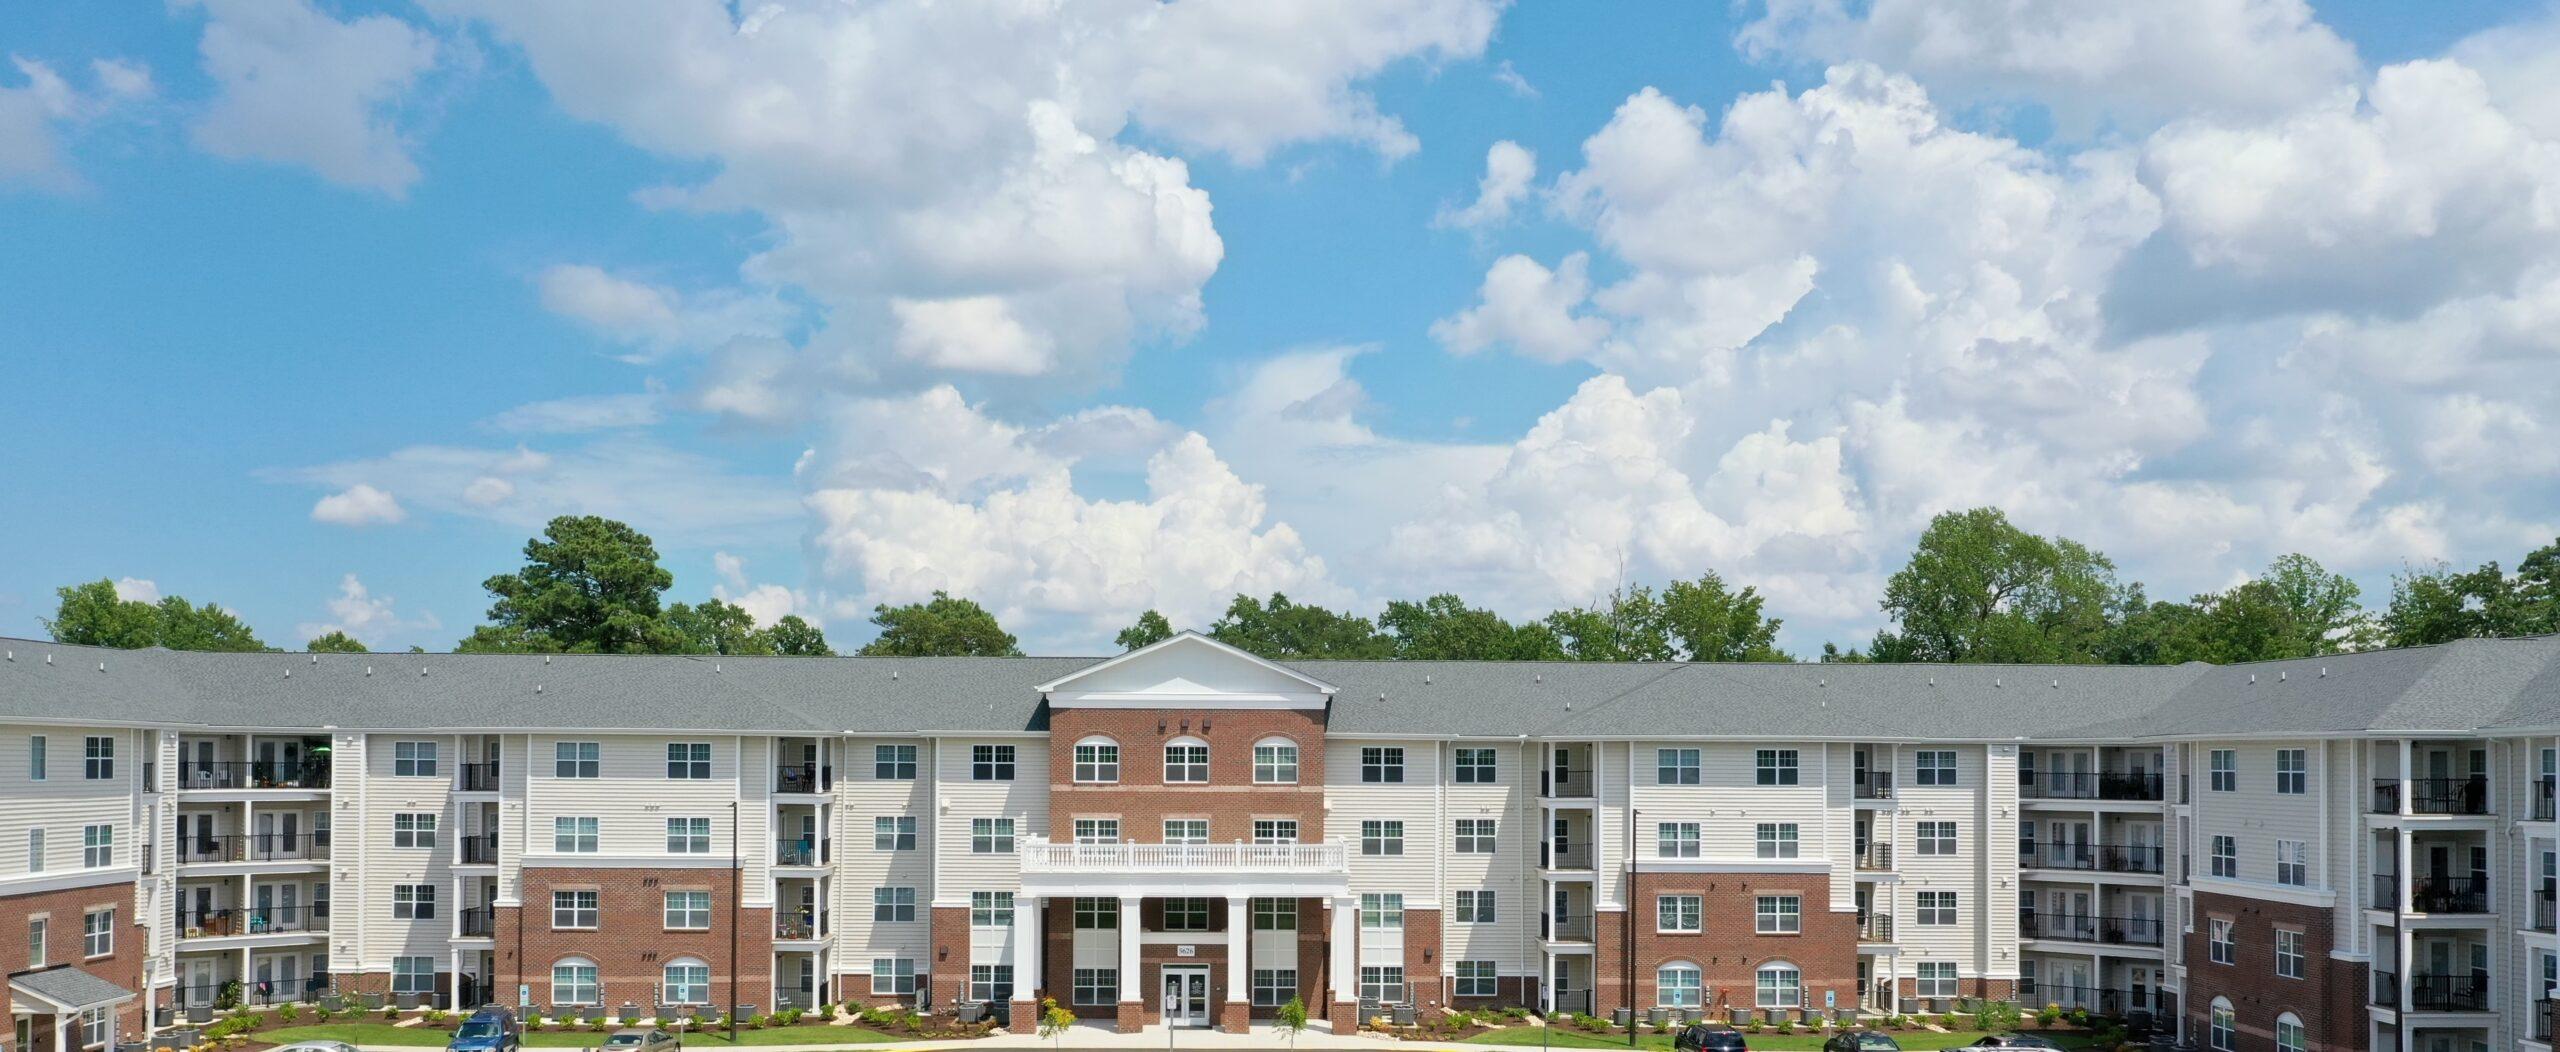 Senior Affordable Apartments For Rent In Williamsburg, VA